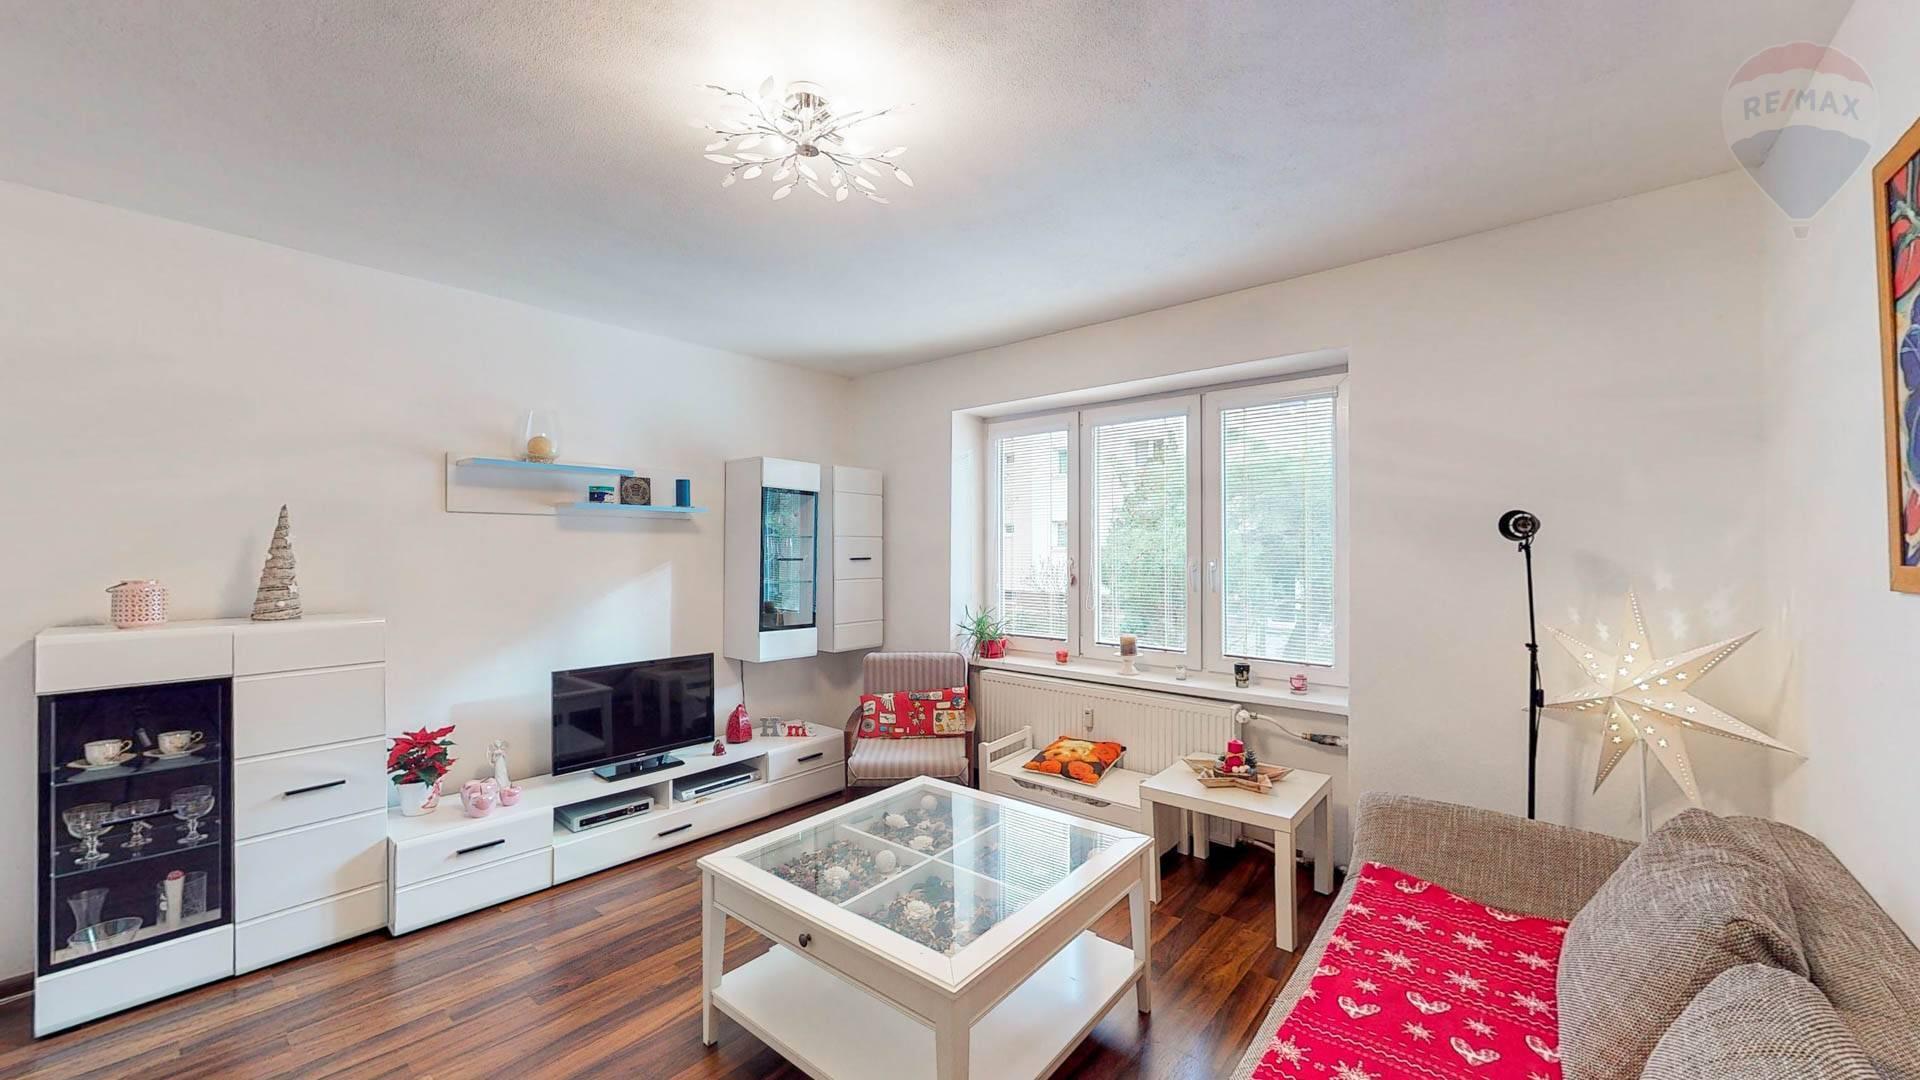 Predaj 2-izbový byt v širšom centre mesta Nitra.